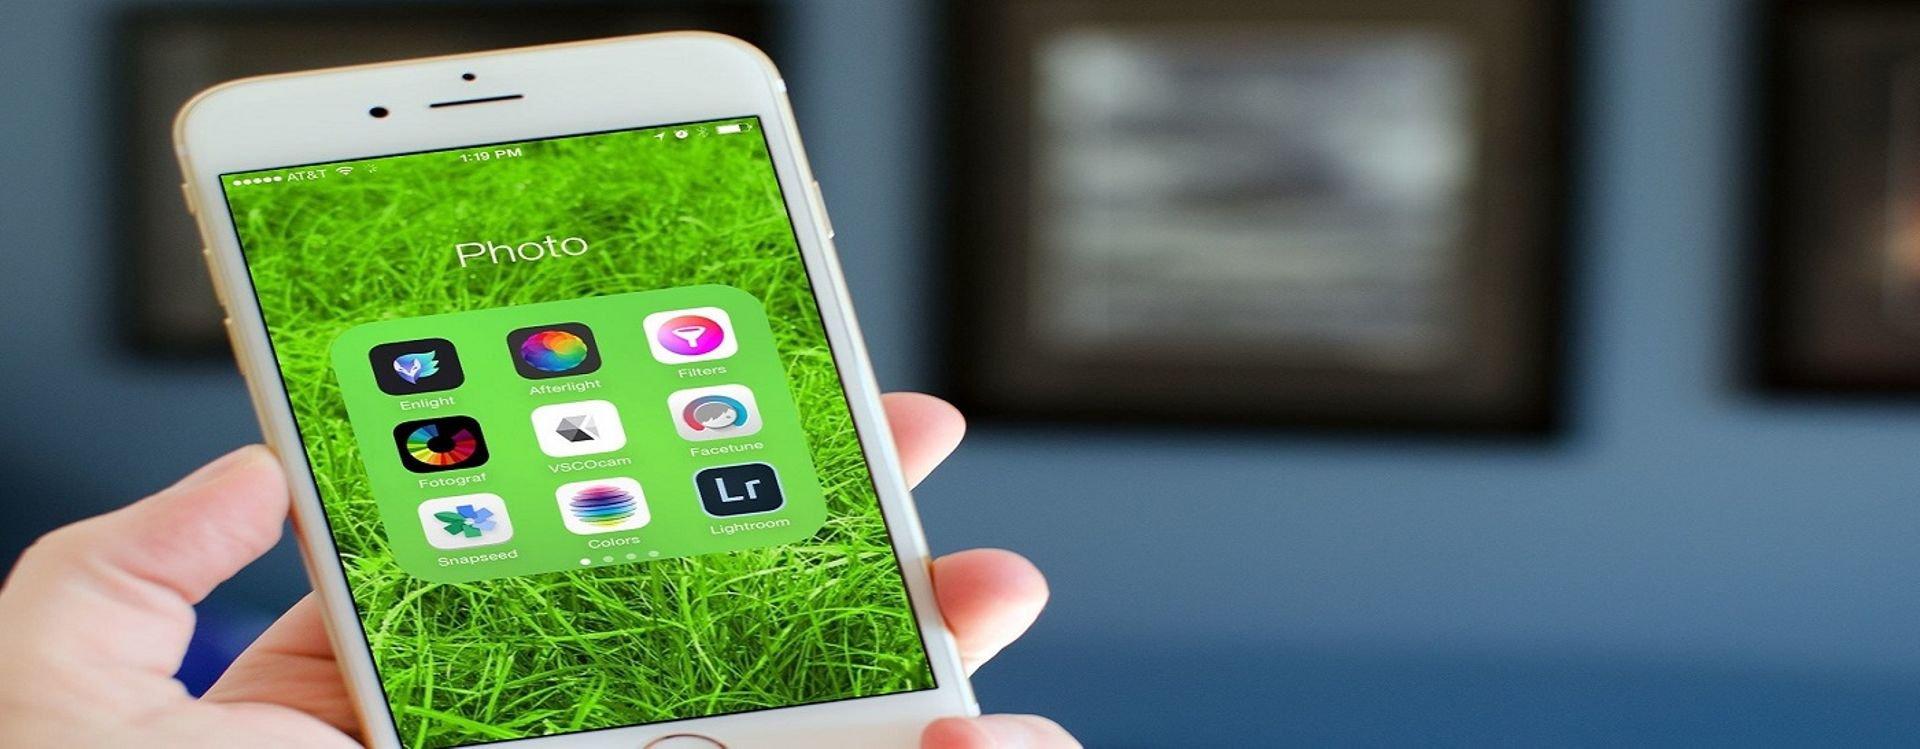 لنتعرف على تطبيقات معالجة وتعديلات الصور الأفضل التي يمكن استخدامها على أجهزة iOS